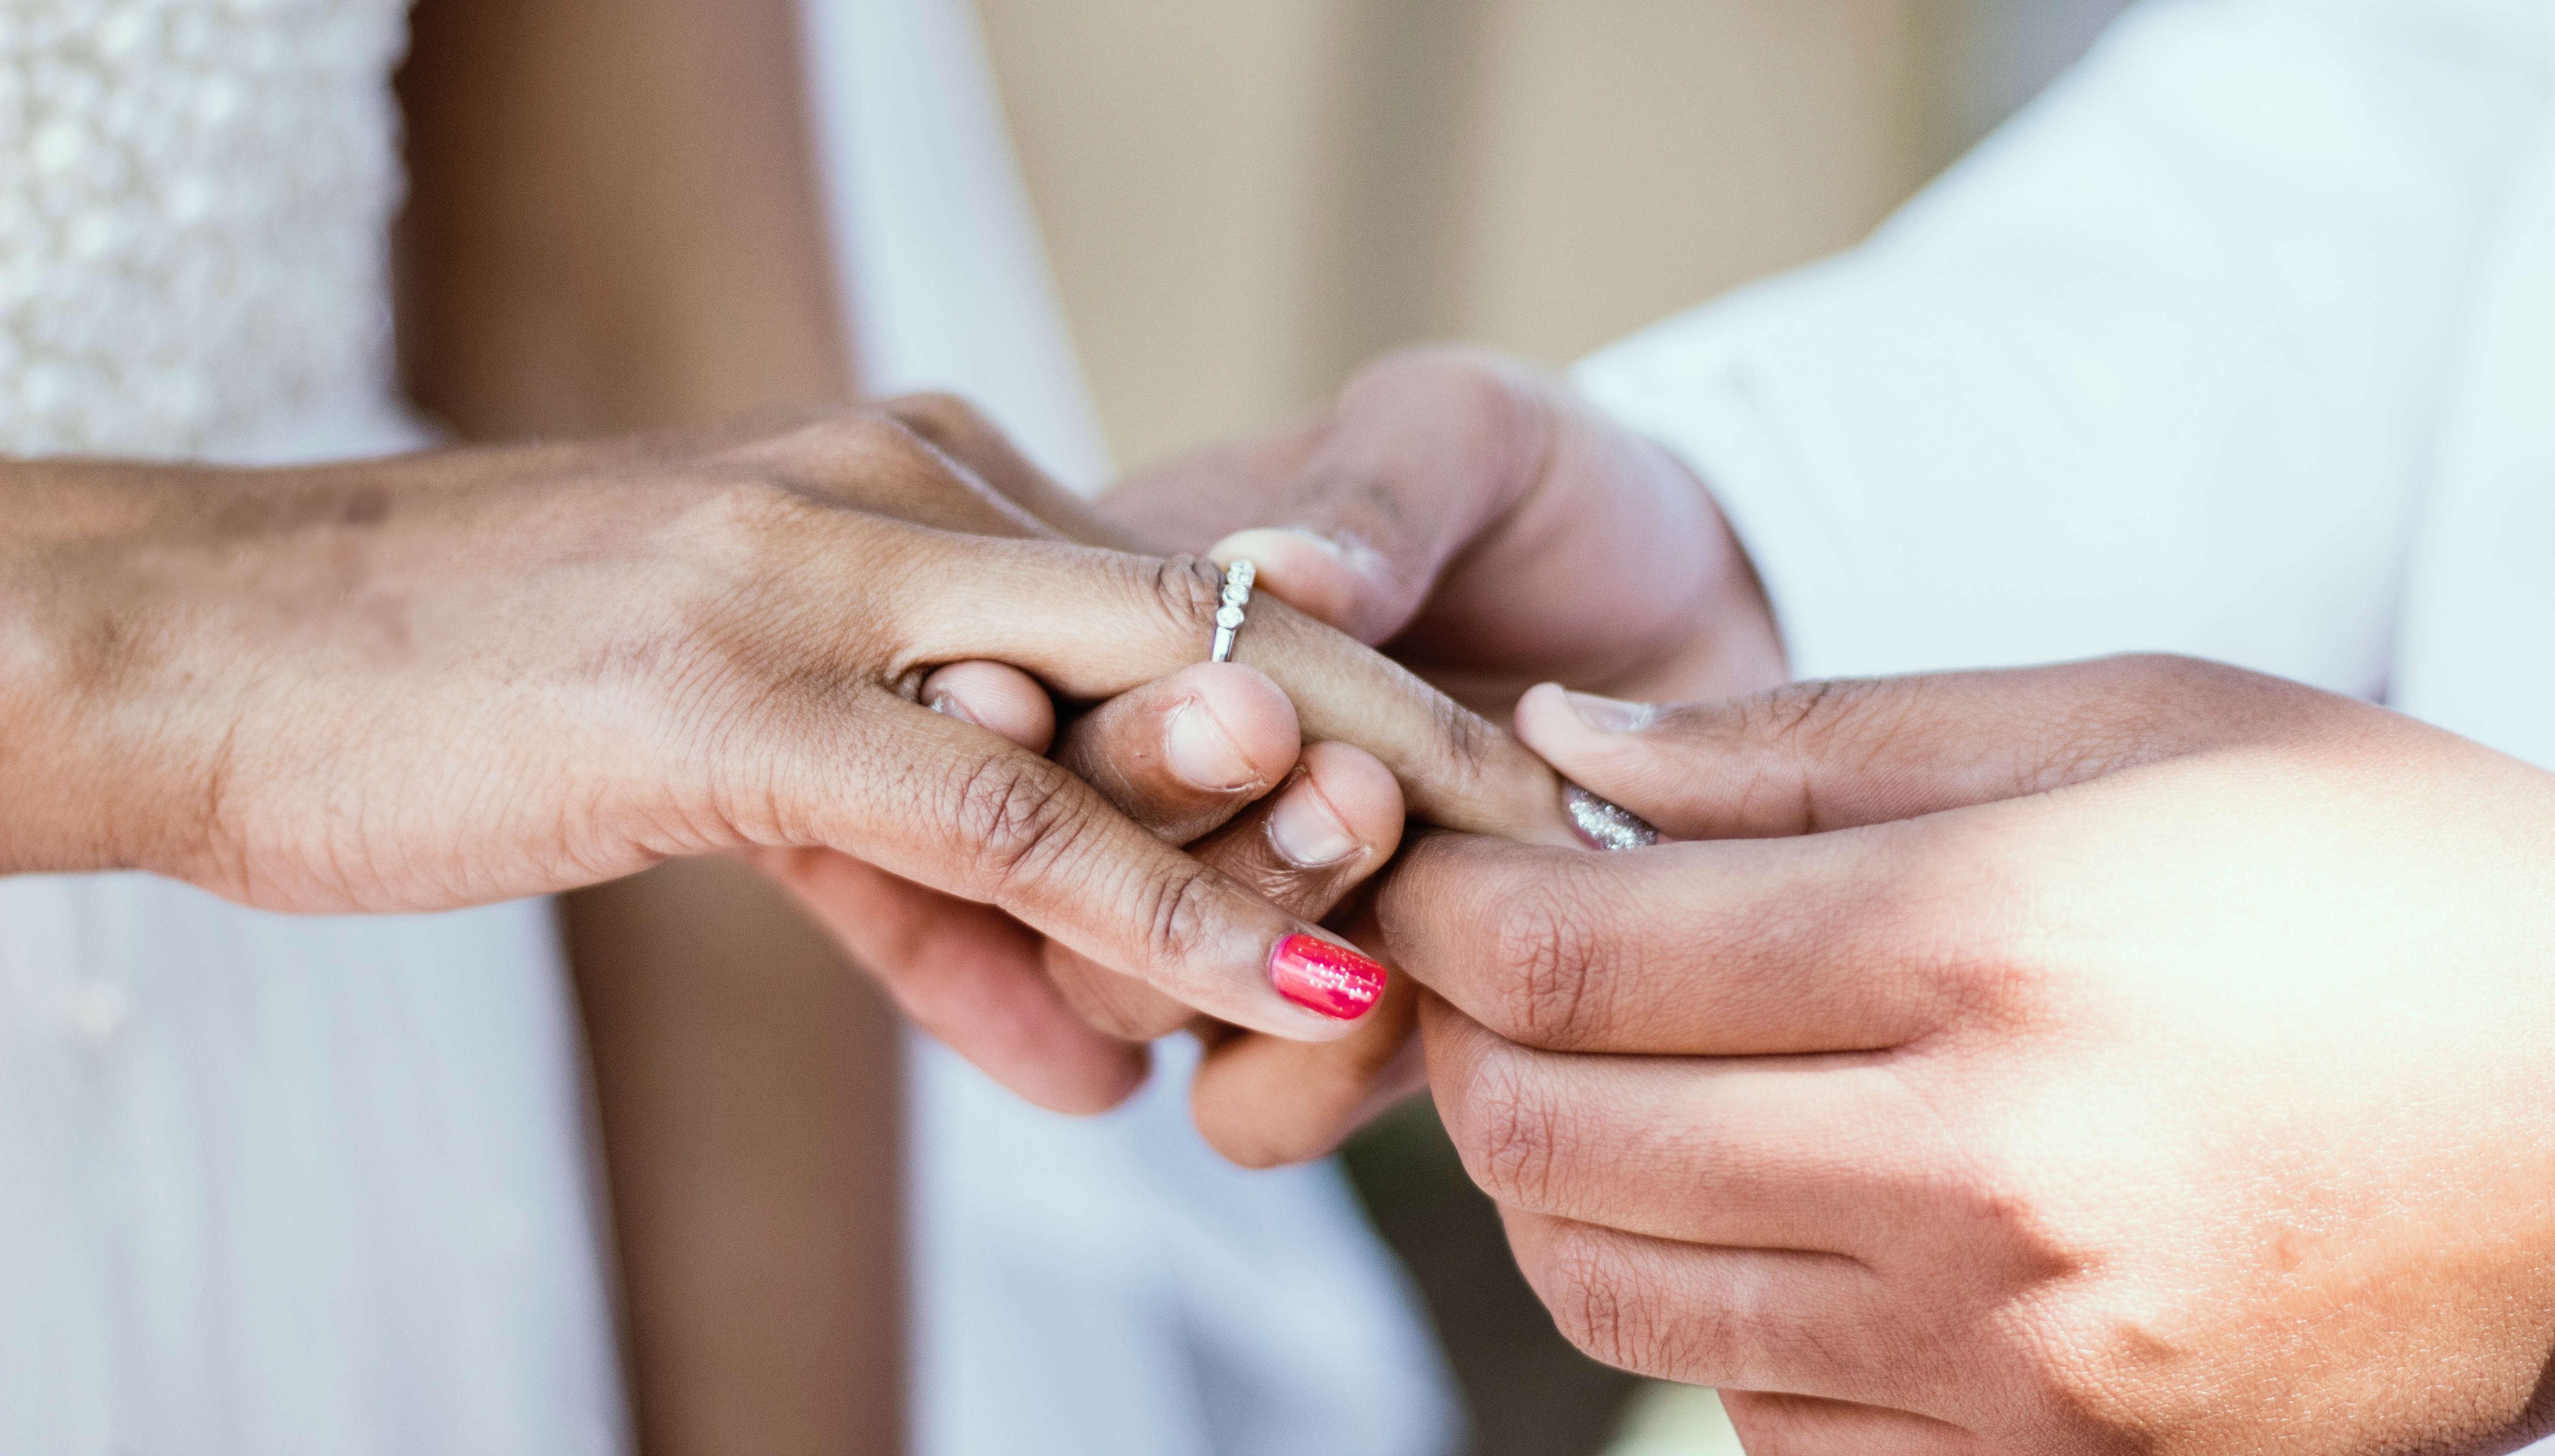 huwelijksvermogensrecht en schuldhulpverlening